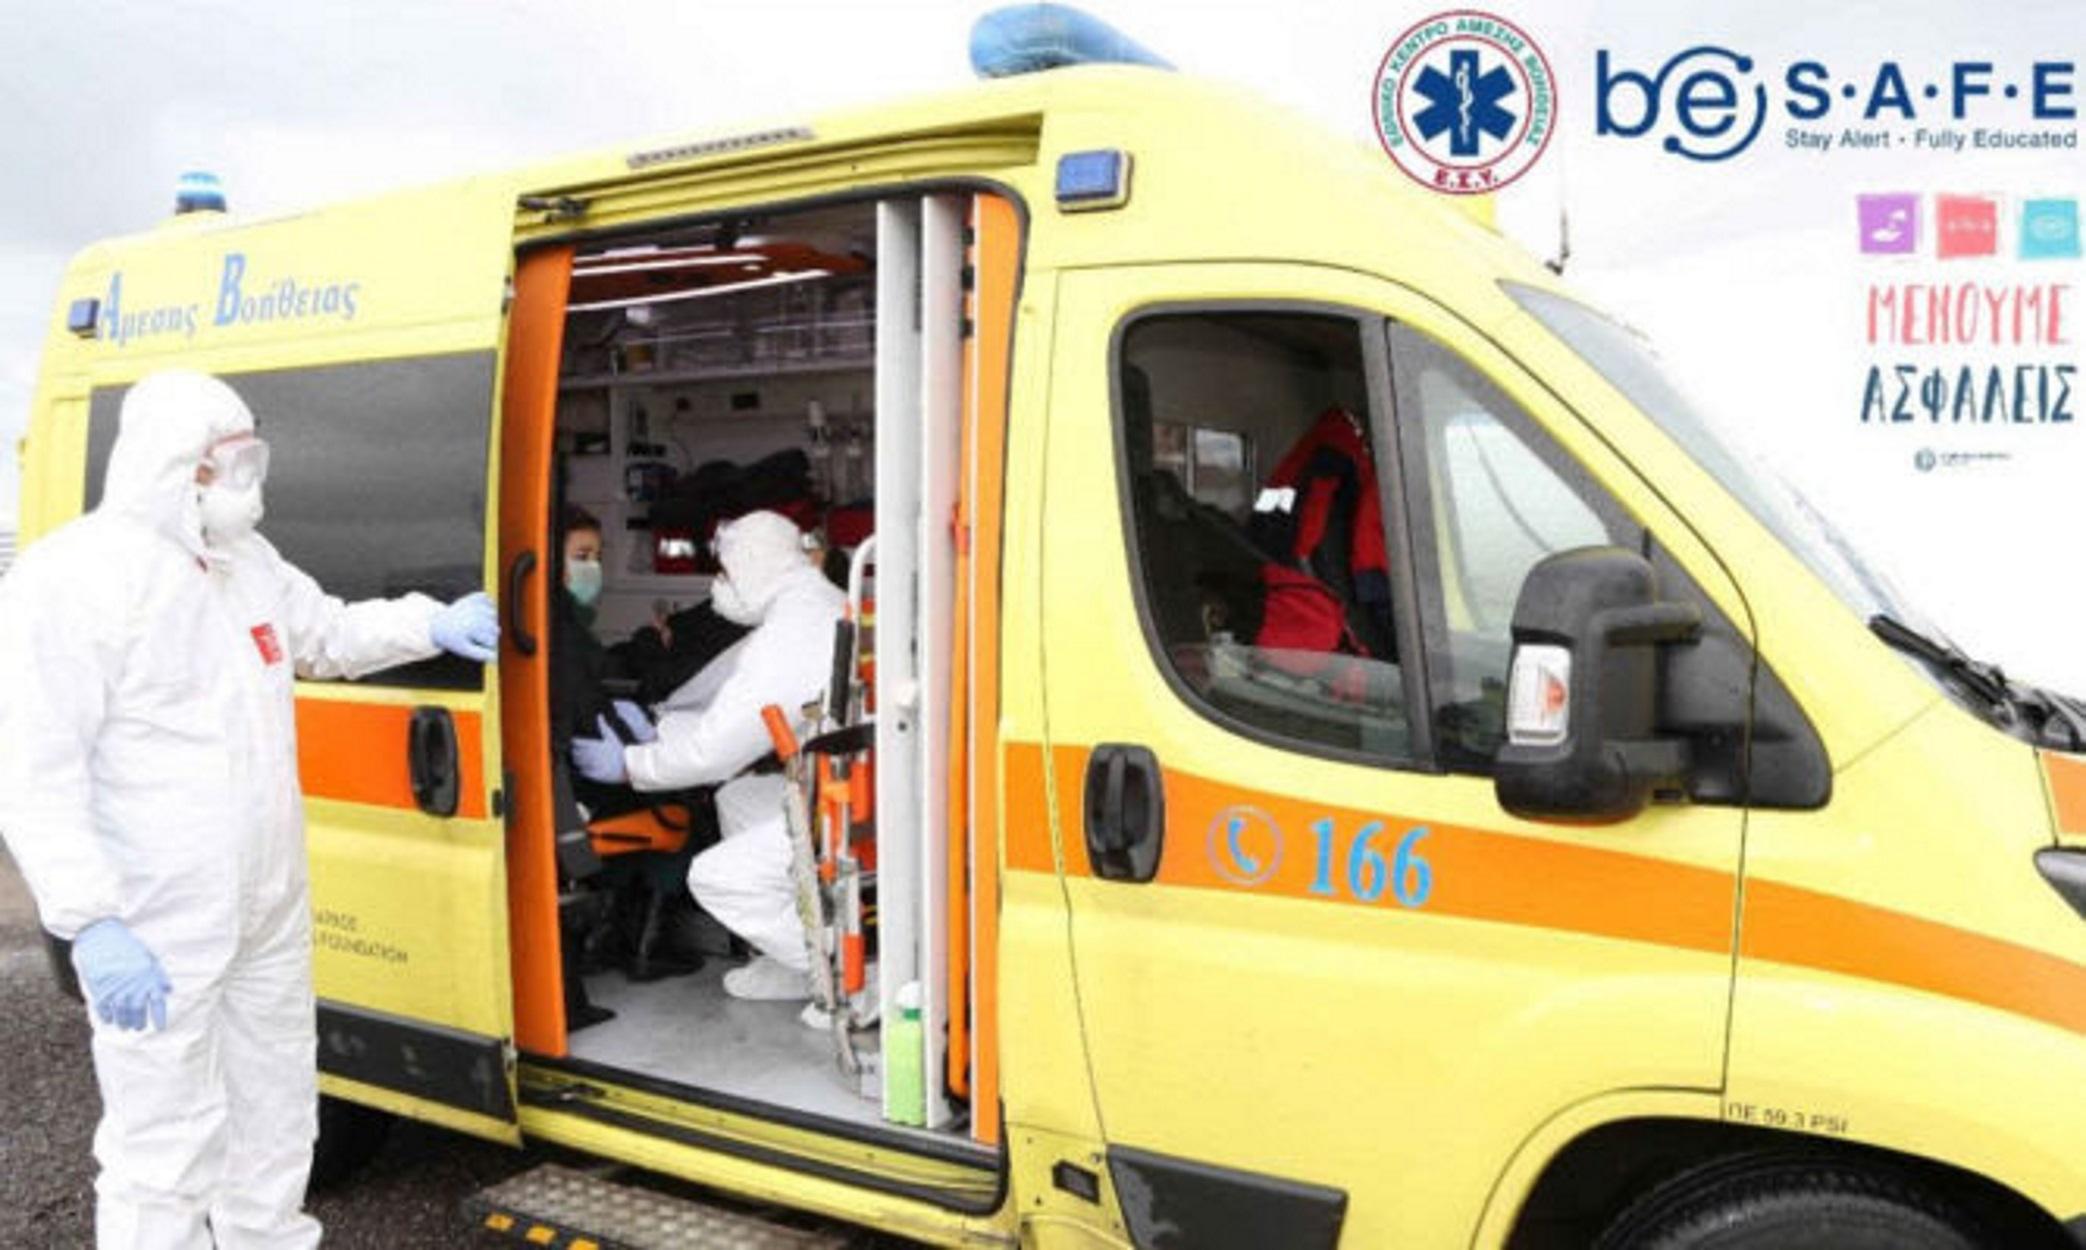 ΕΚΑΒ: Καθυστέρησε… 5 ώρες να παραλάβει ασθενή – Διατάχθηκε ΕΔΕ